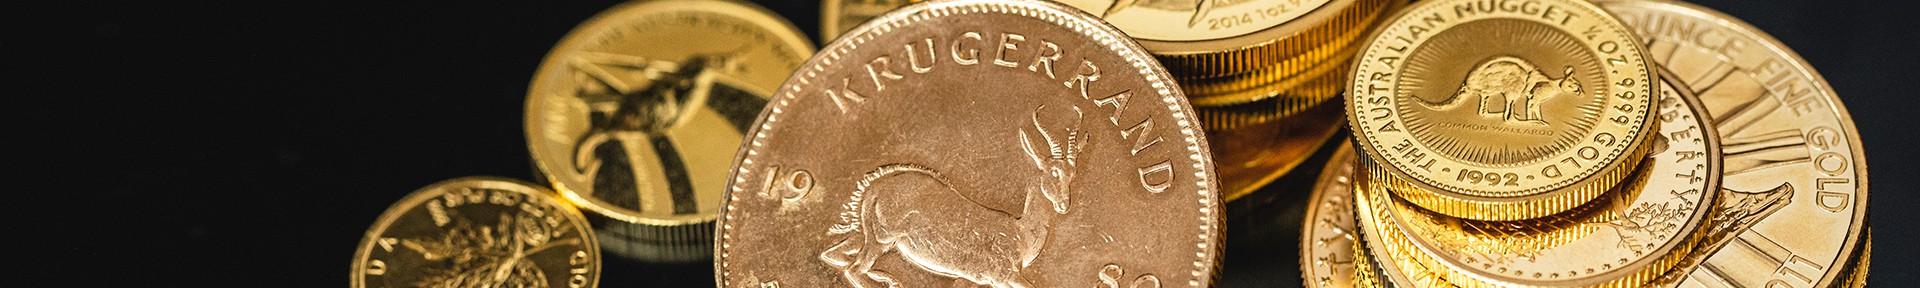 Goldmünzen kaufen bei Goldwechselhaus